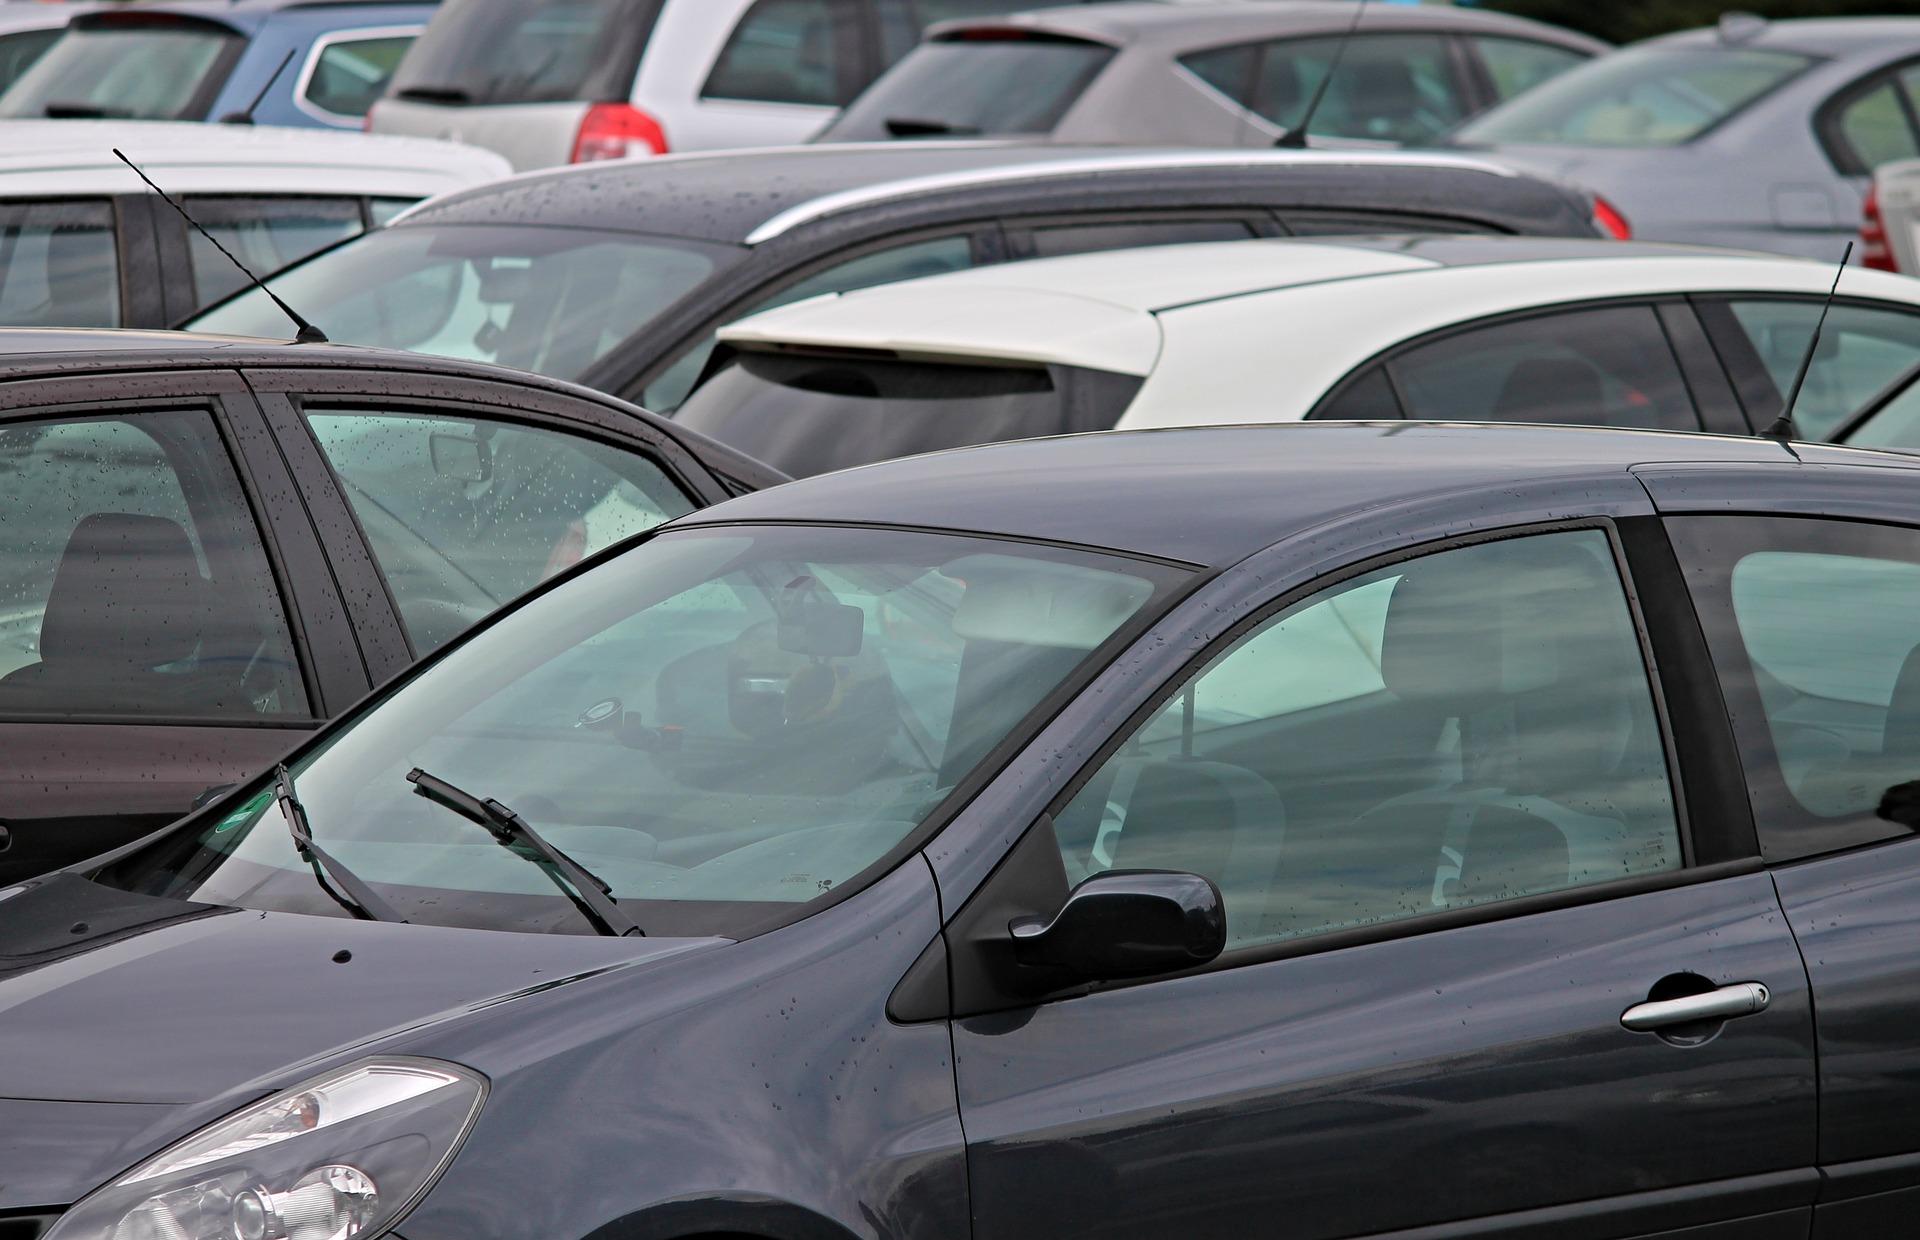 parkering bil biler